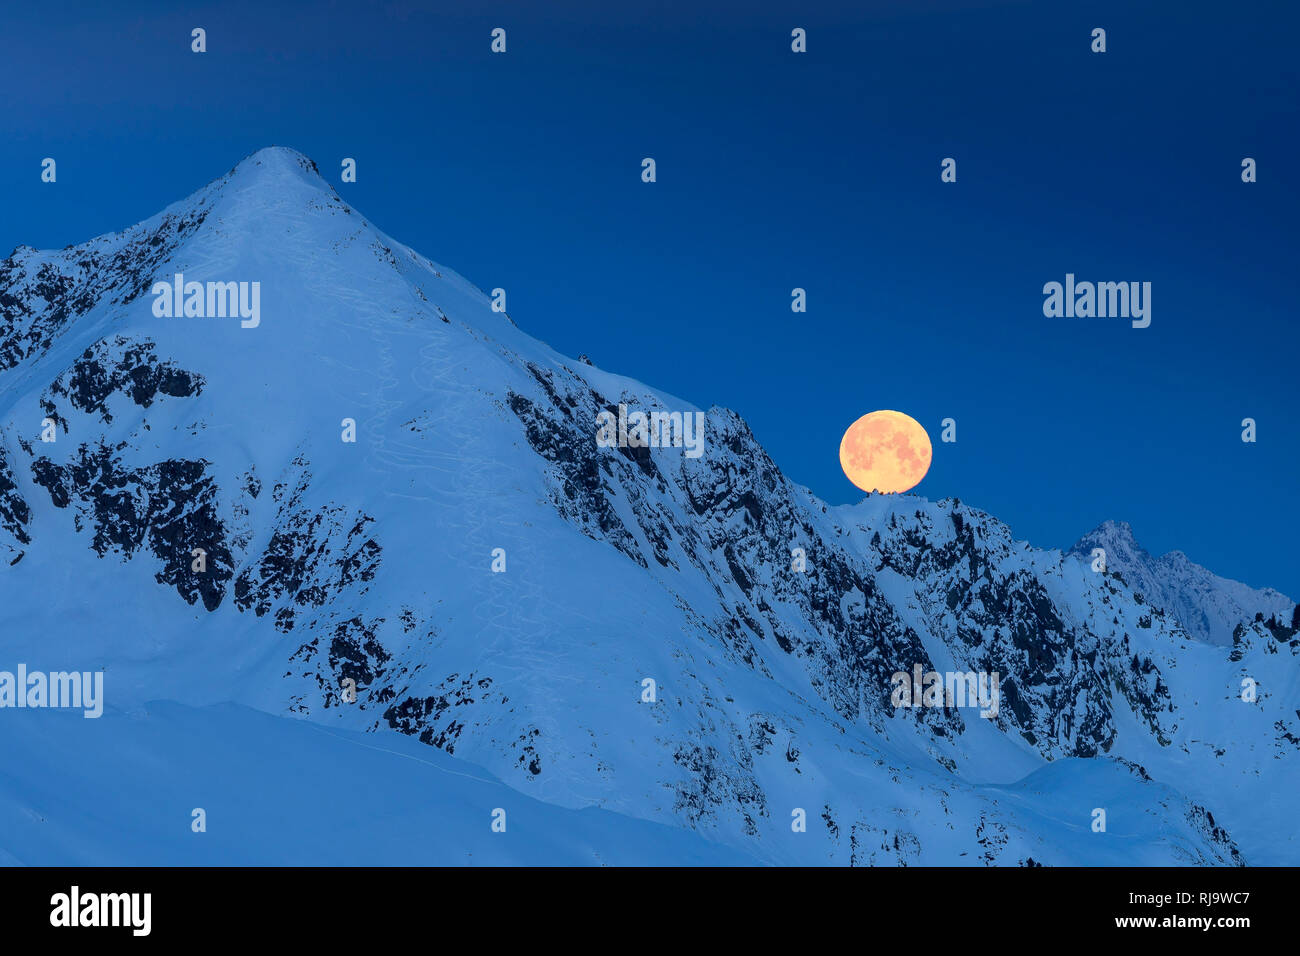 Österreich, Tirol, Stubaier Alpen, Kühtai, Sellrain, Der 'Schneemond' versinkt hinter der Vorderen Karlesspitze - Stock Image